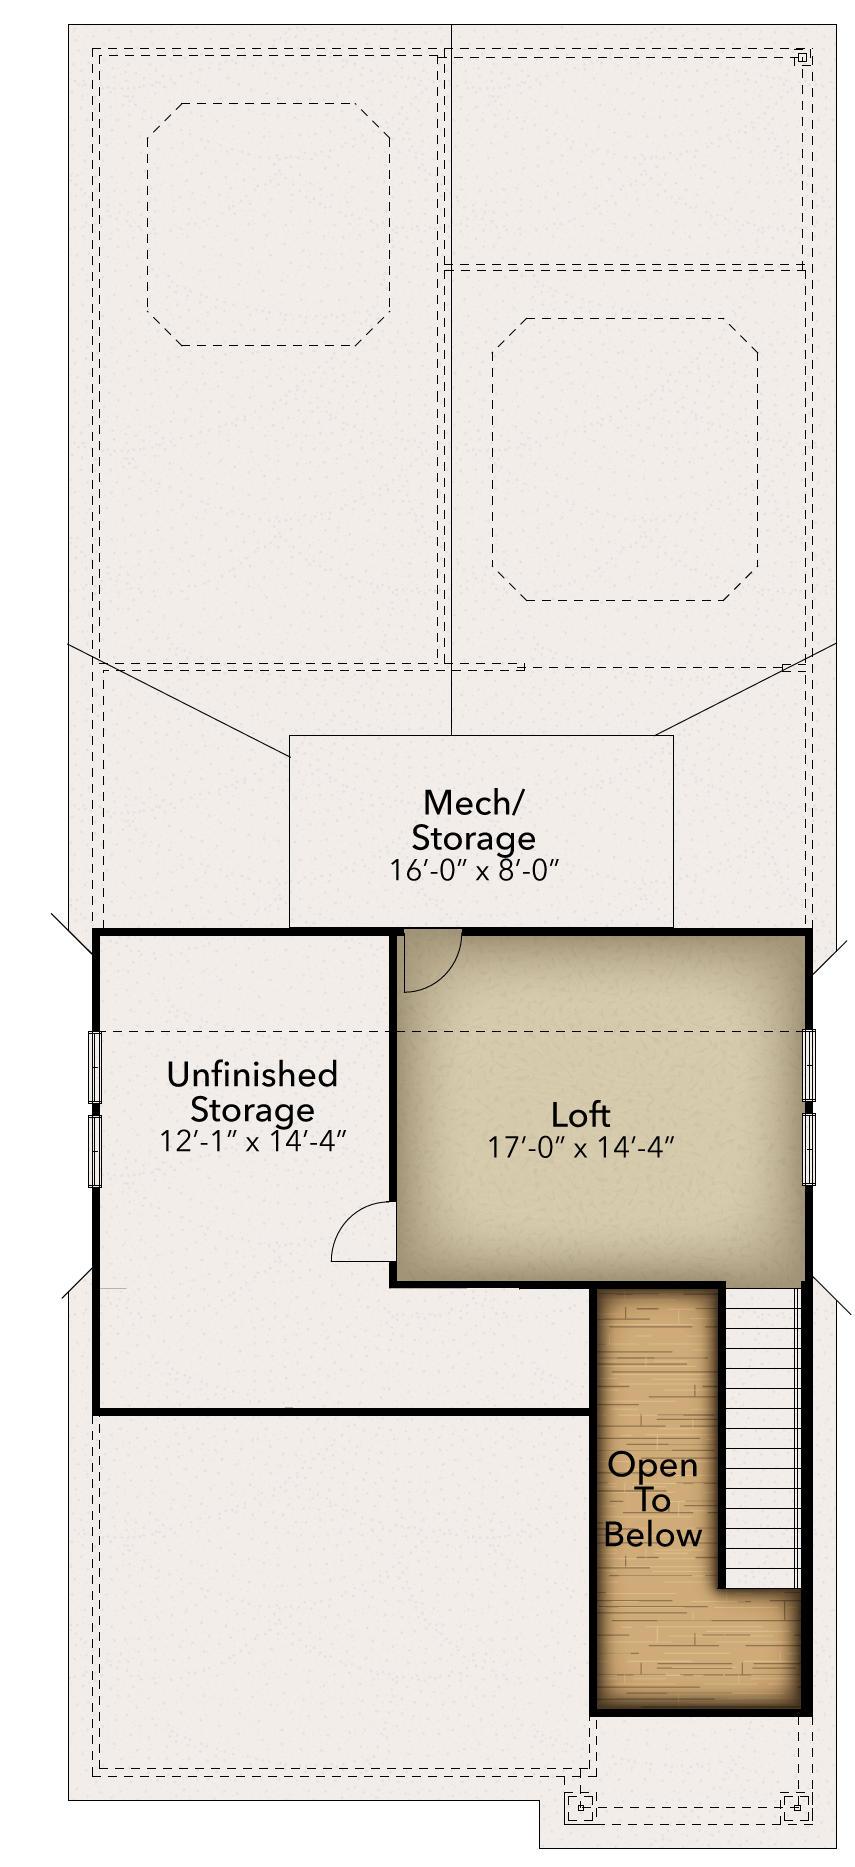 Chesapeake Homes -  The Jasmine Optional second floor